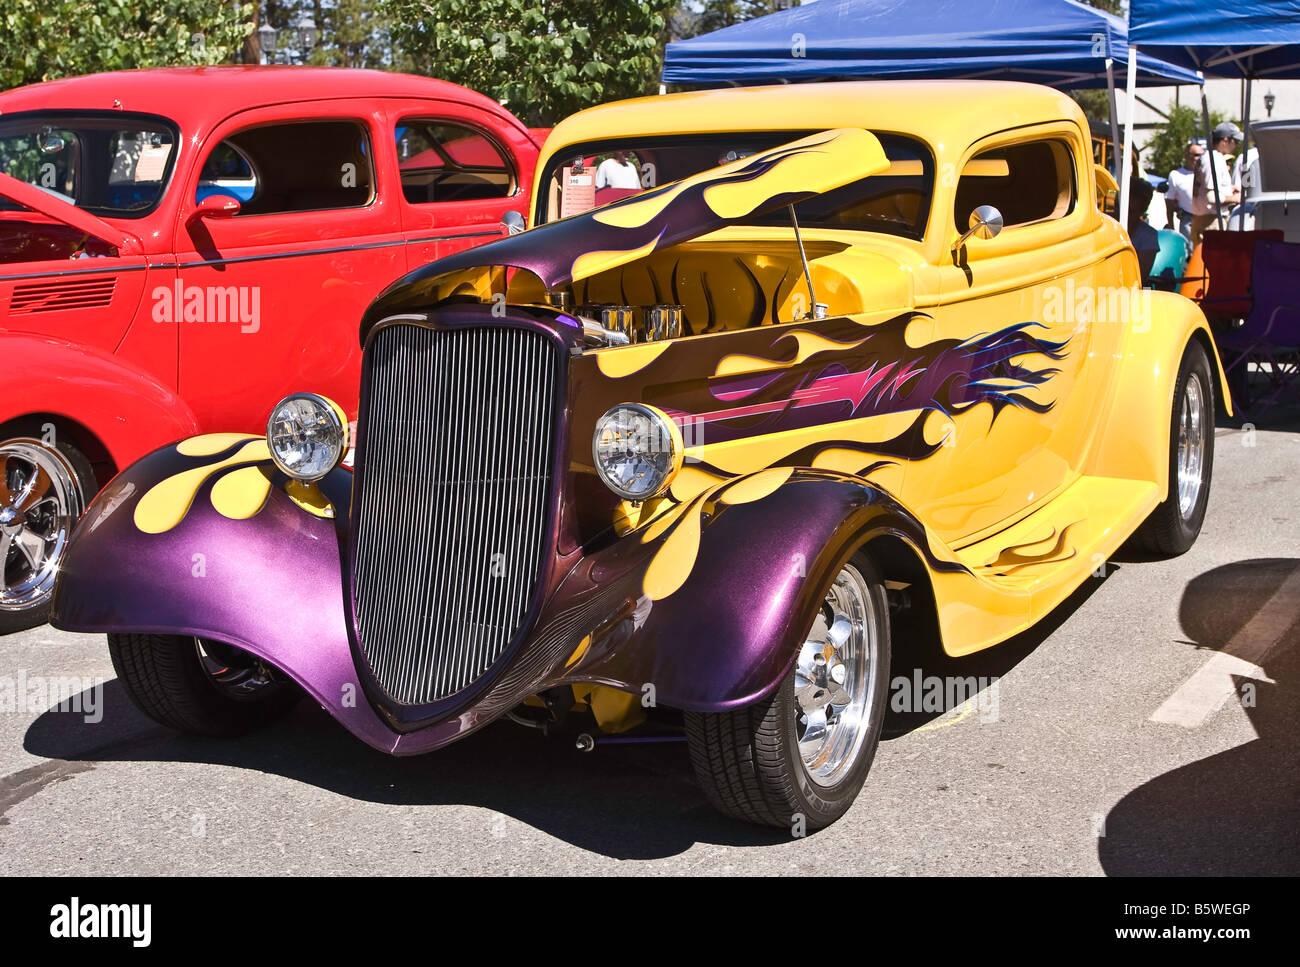 Purple Flames Hot Rod Paint Stock Photos & Purple Flames Hot Rod ...